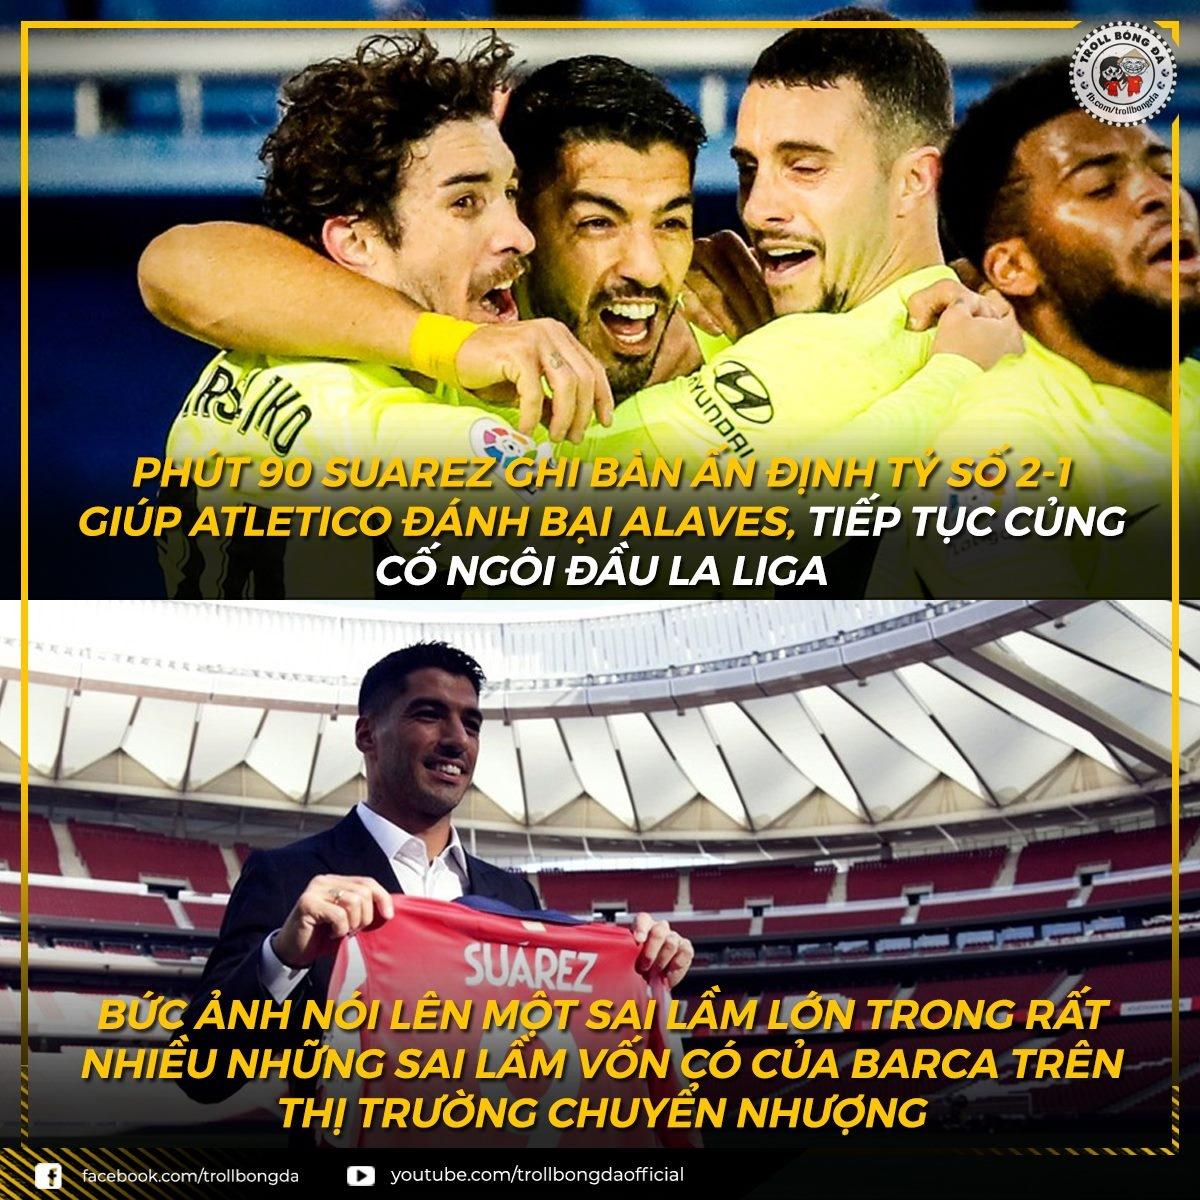 Luis Suarez chứng minh đẳng cấp. (Ảnh: Troll Bóng Đá)